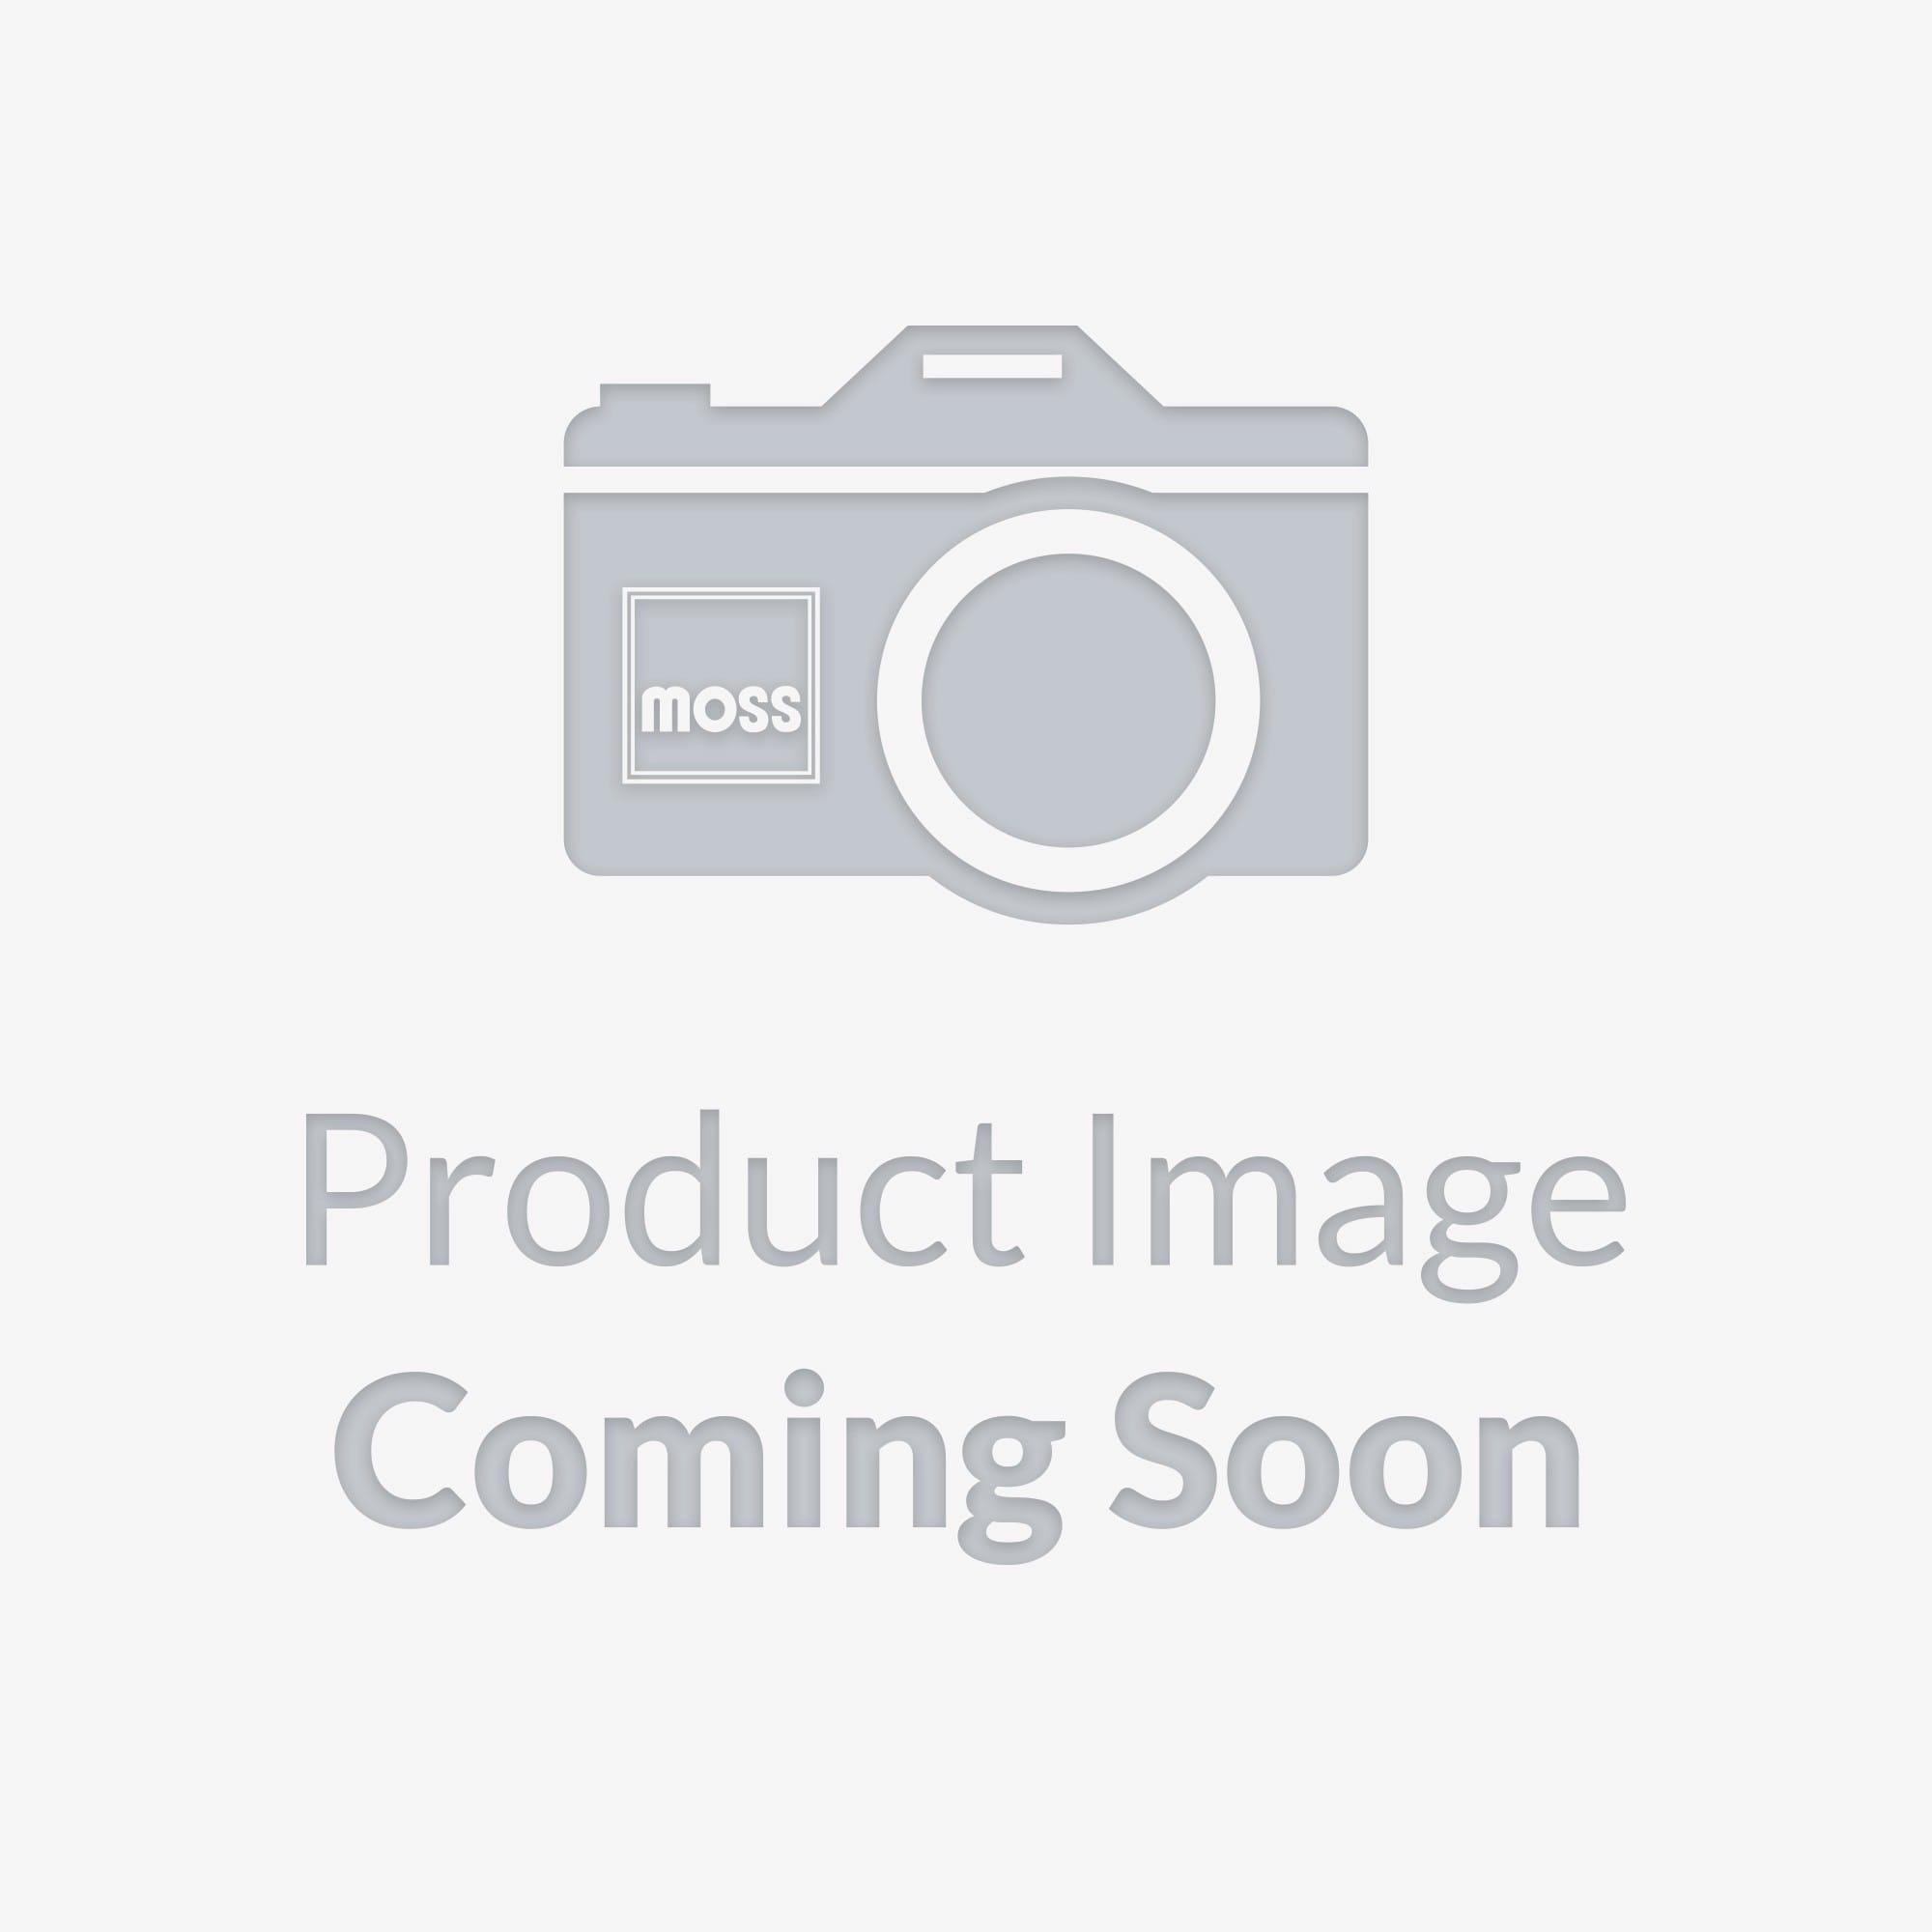 454 962 Tourist Trophy Adjustable Front Sway Bar Kit